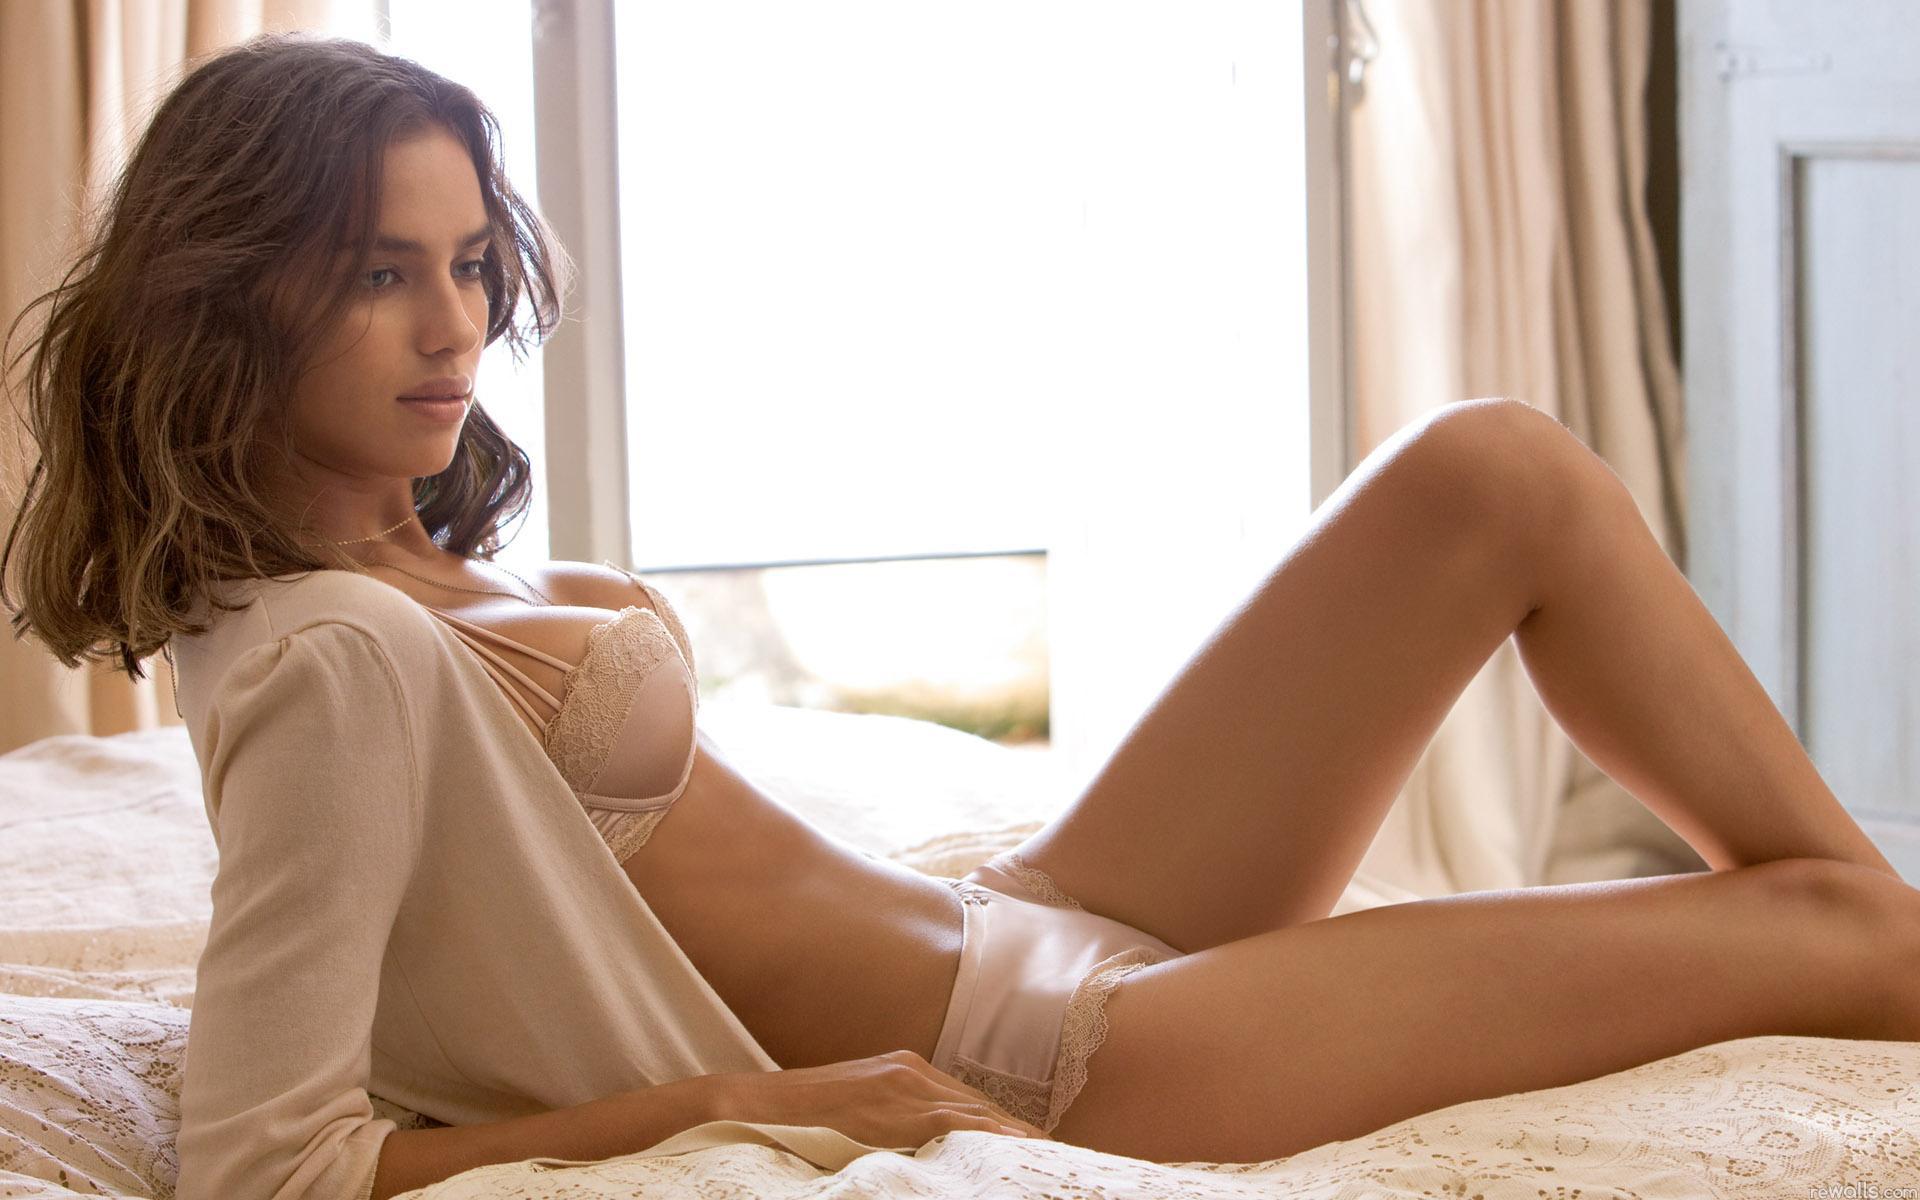 Фото девочки в постели 6 фотография